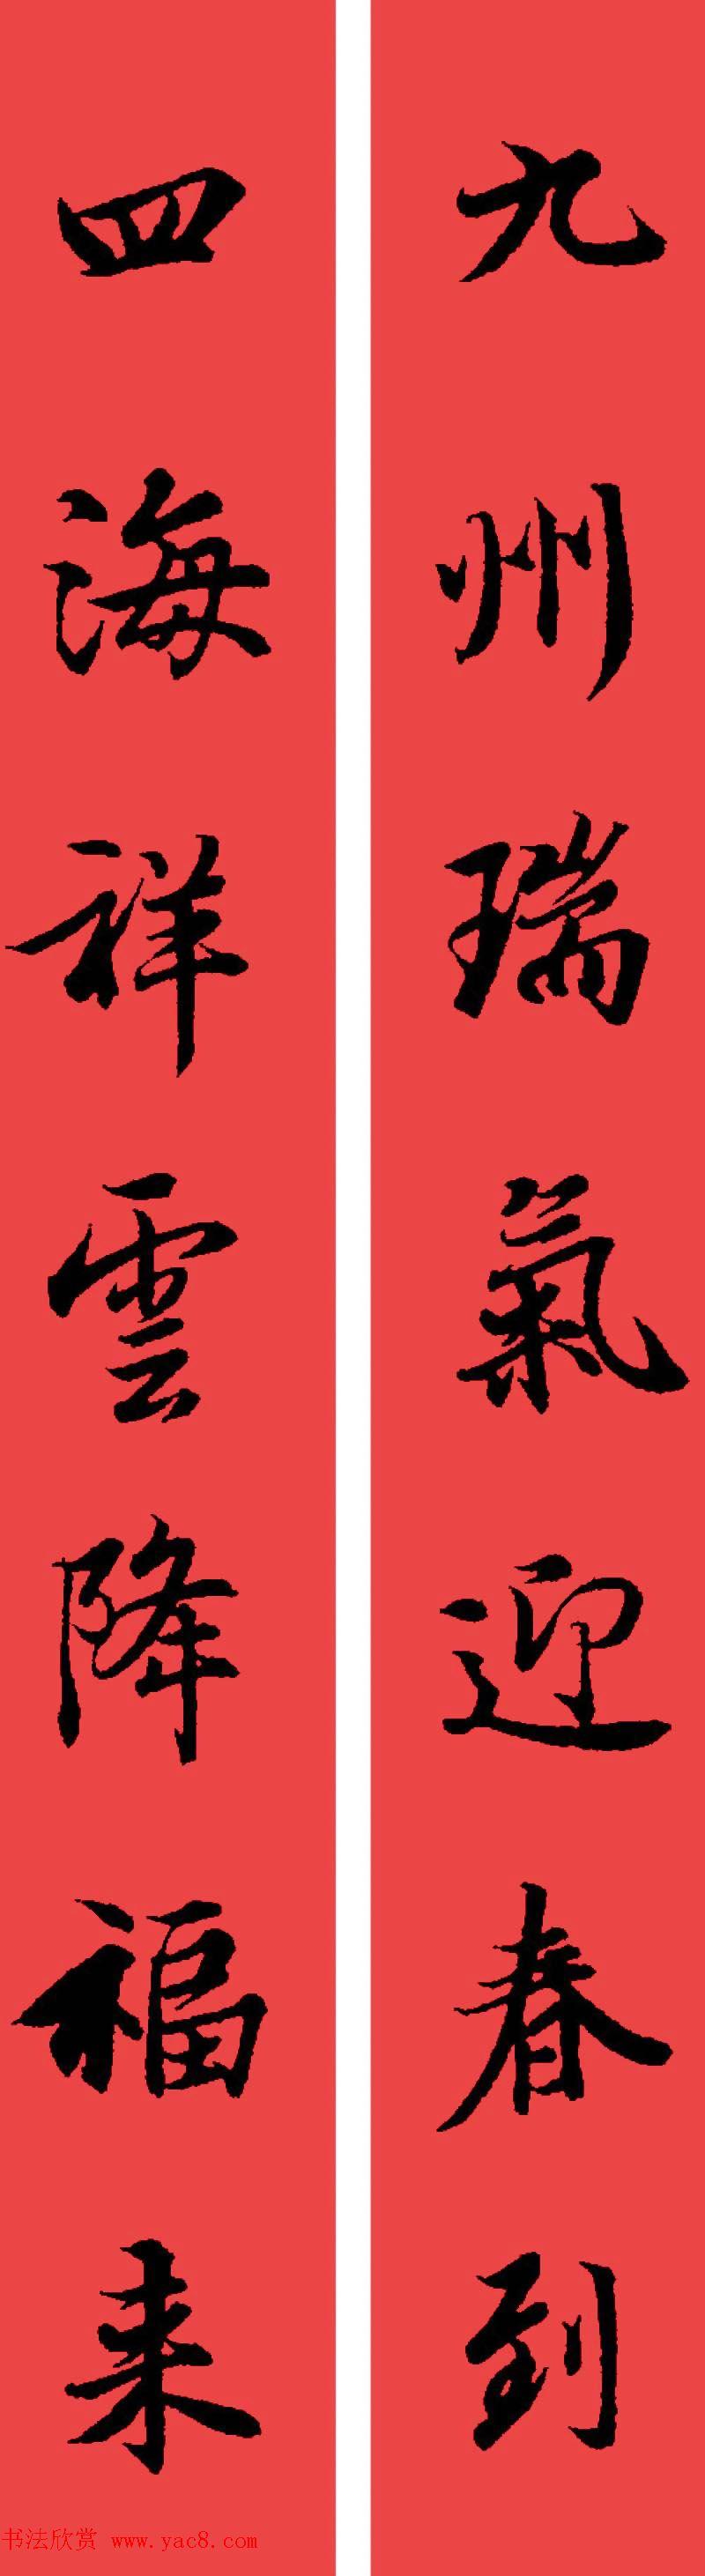 兰亭序集字七言行书春联32幅 第13页 书法专题 书法欣赏图片